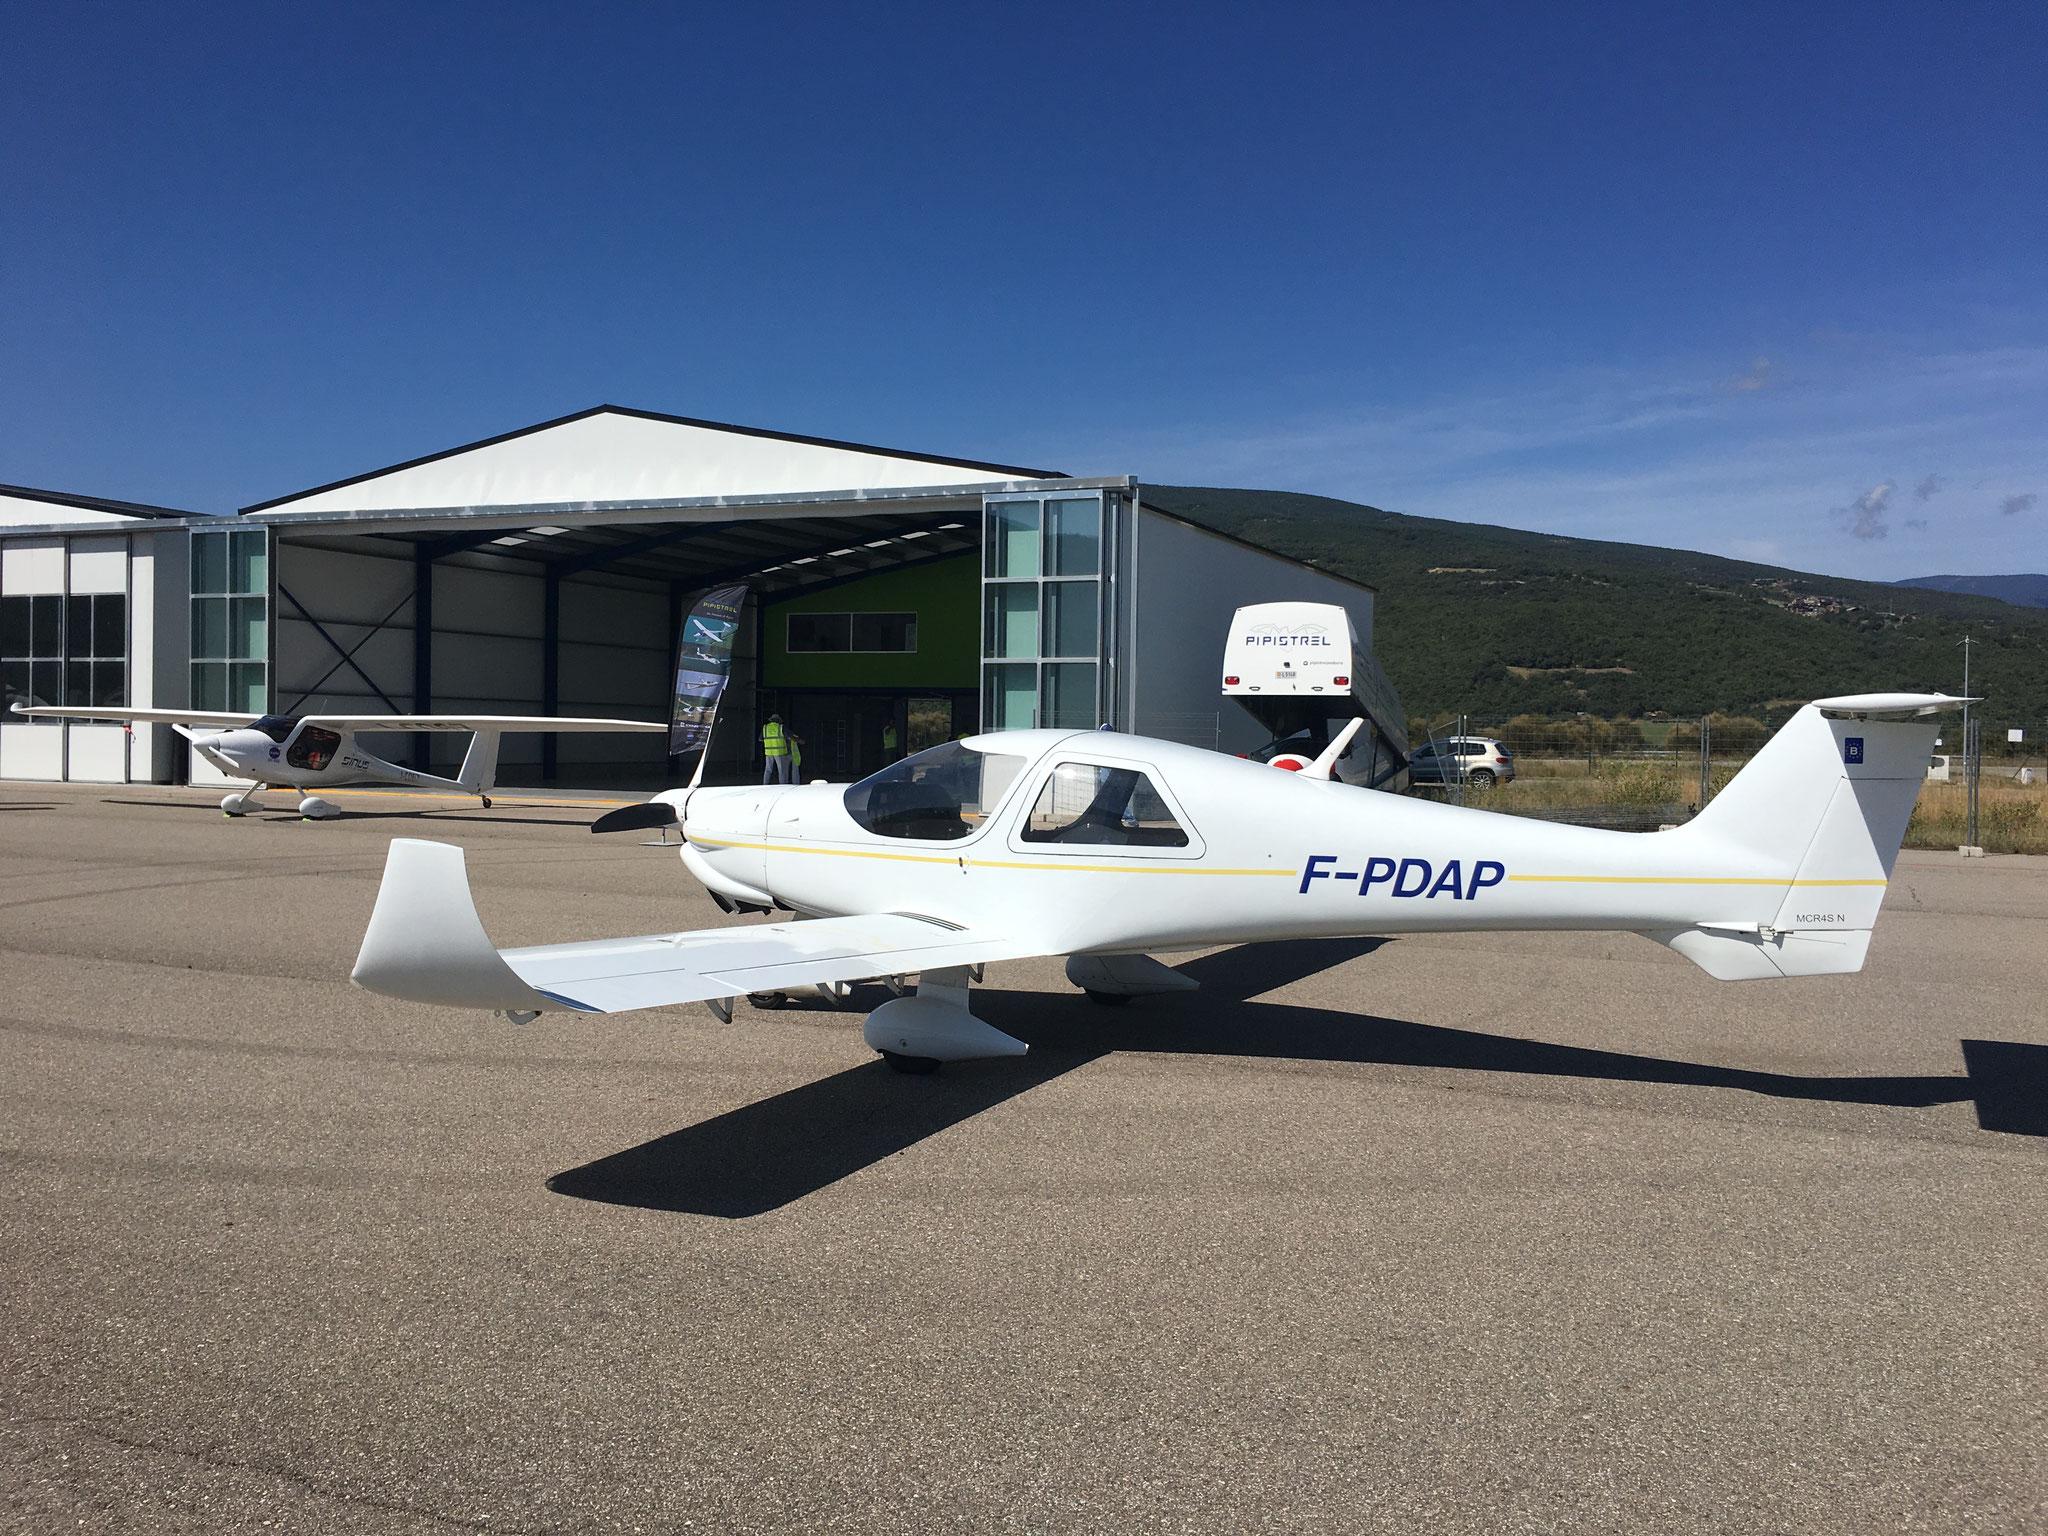 Au parking devant le hangar de Beate et Michael